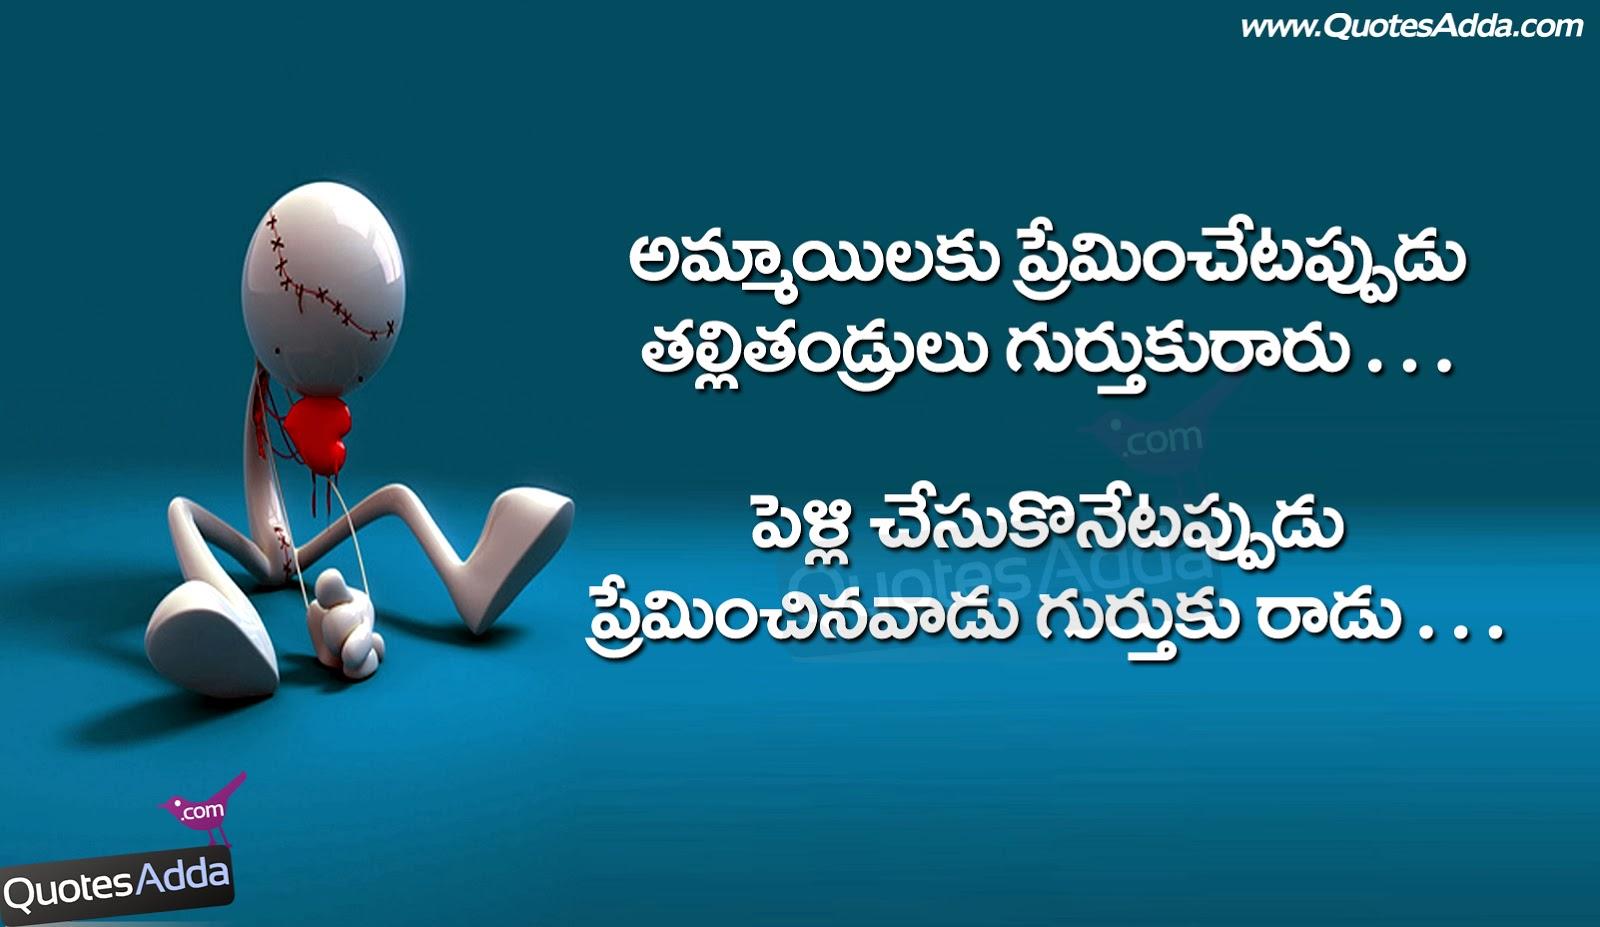 Telugu Funny Images Quotes. QuotesGram